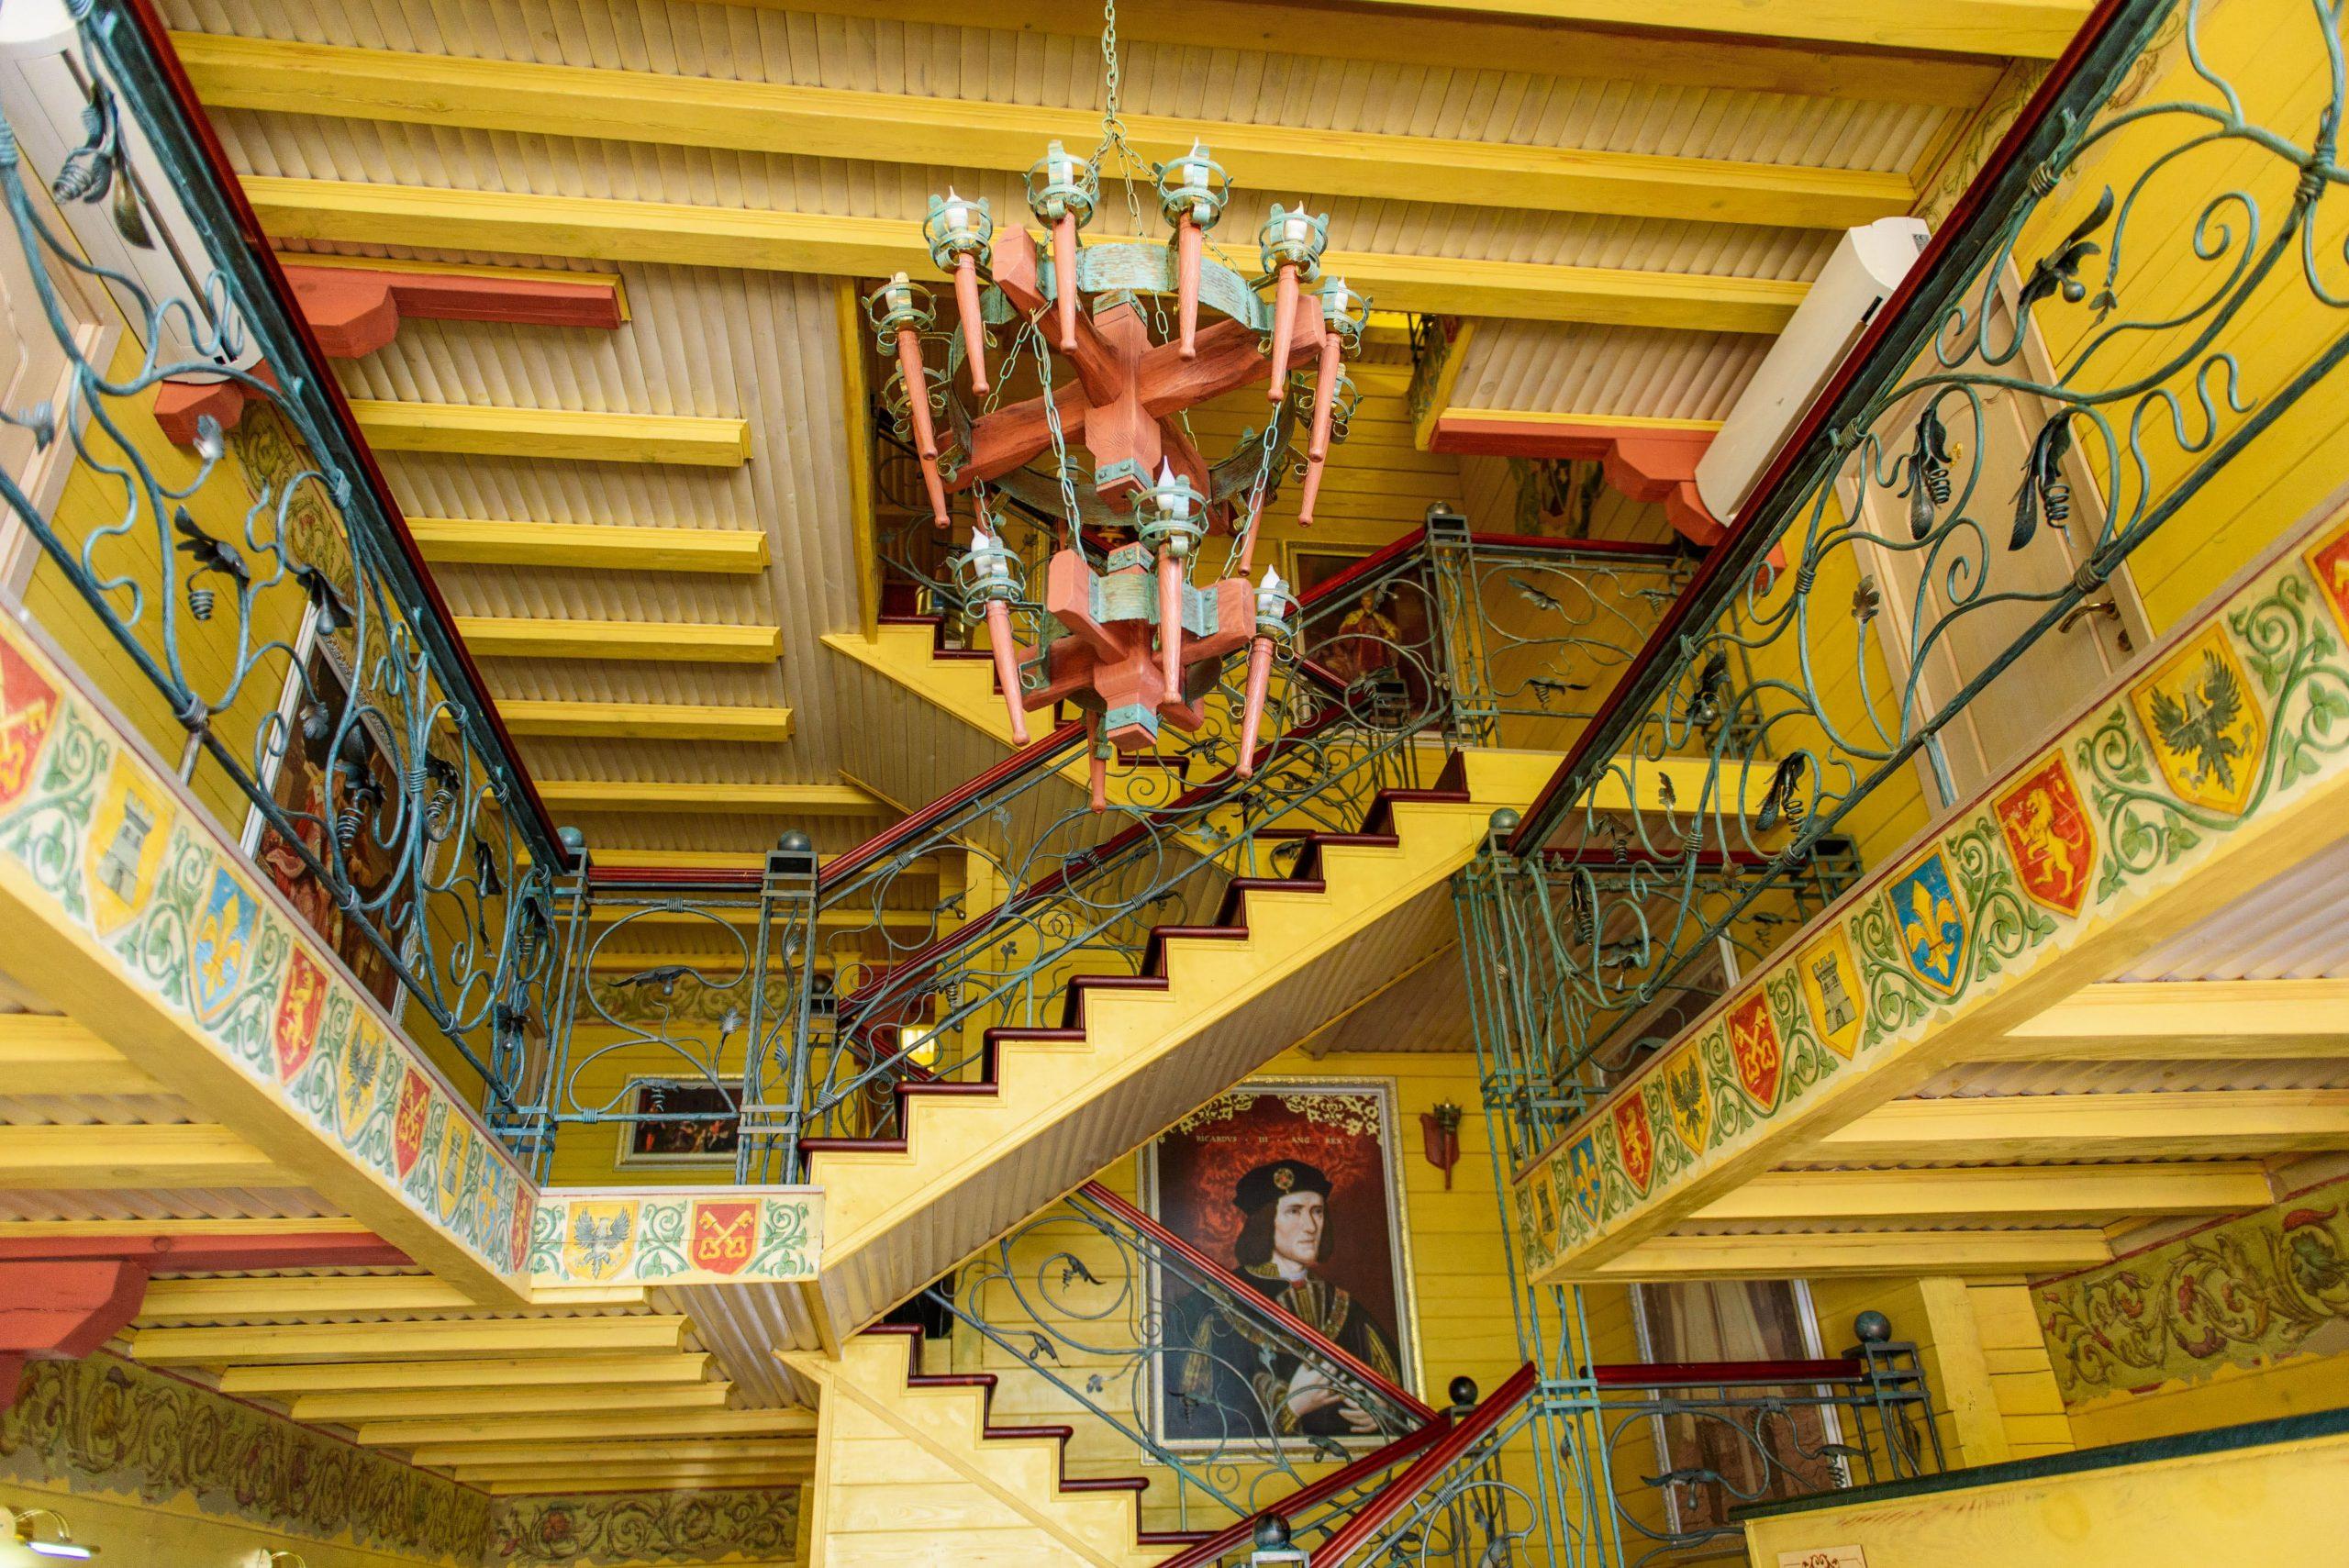 Отель Richard в Грибовке, Одесская область